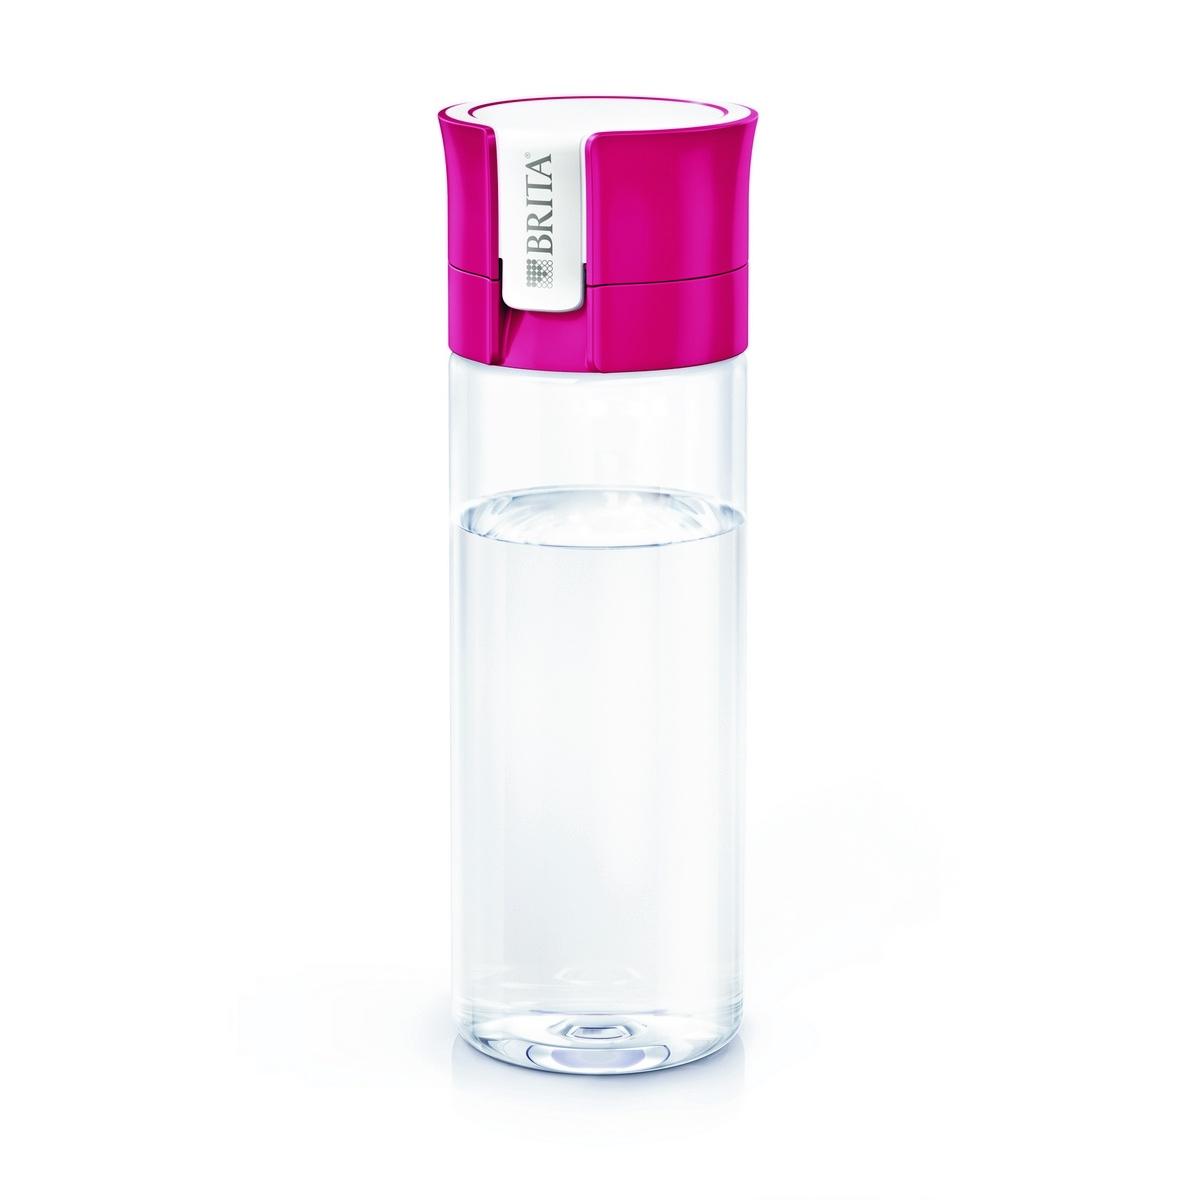 Fľaša filtračná BRITA FILL&GO VITAL PINK